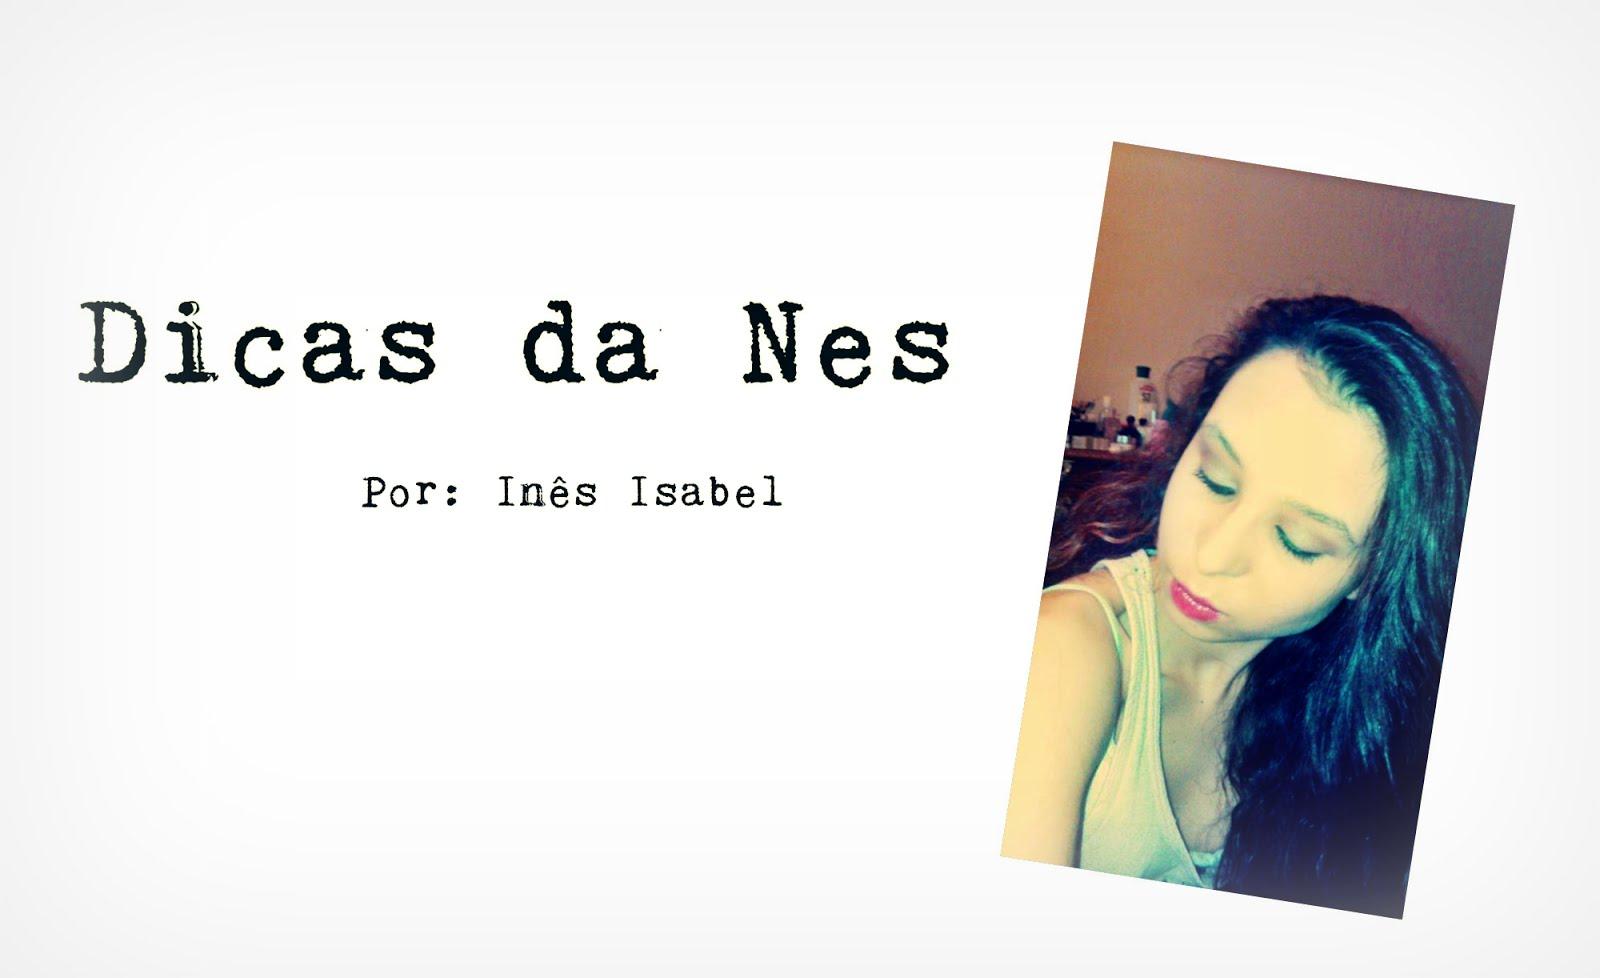 Dicas da Nes